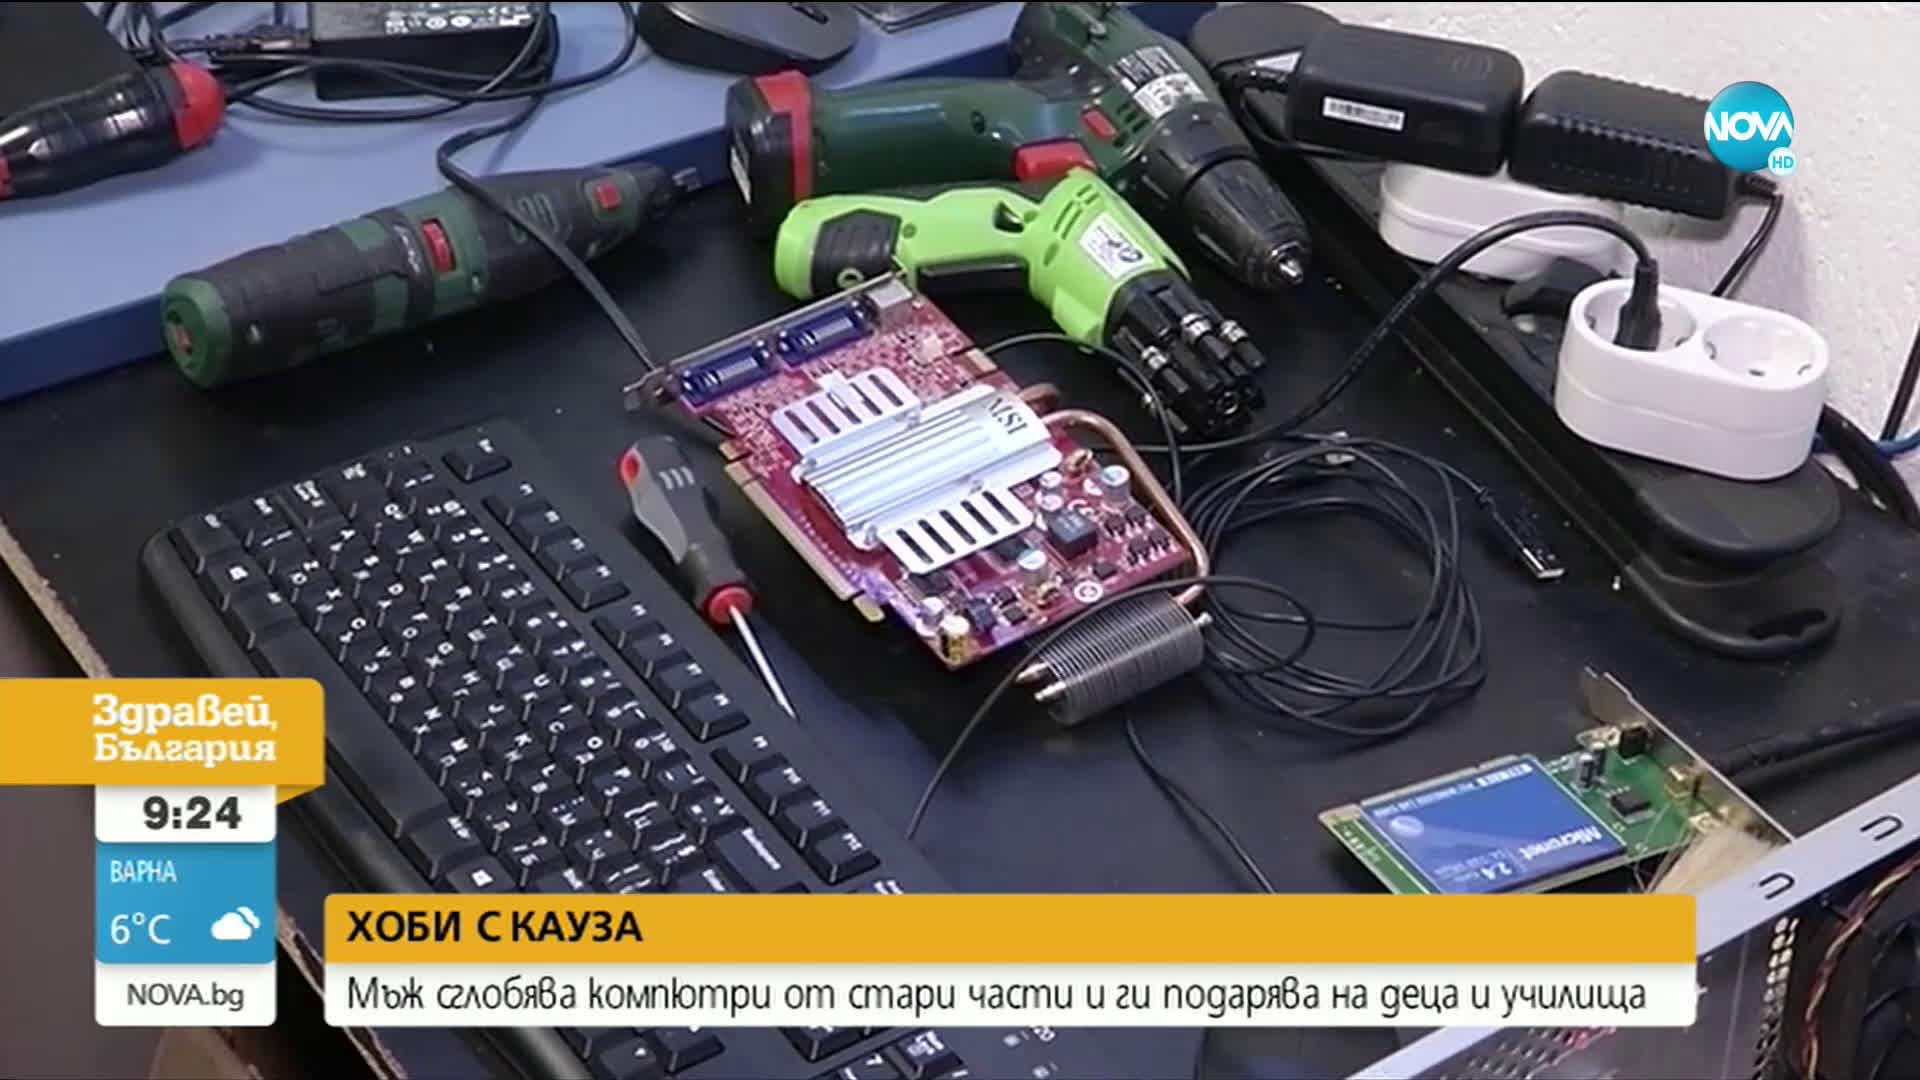 Мъж сглобява компютри от стари части и ги подарява на деца и училища